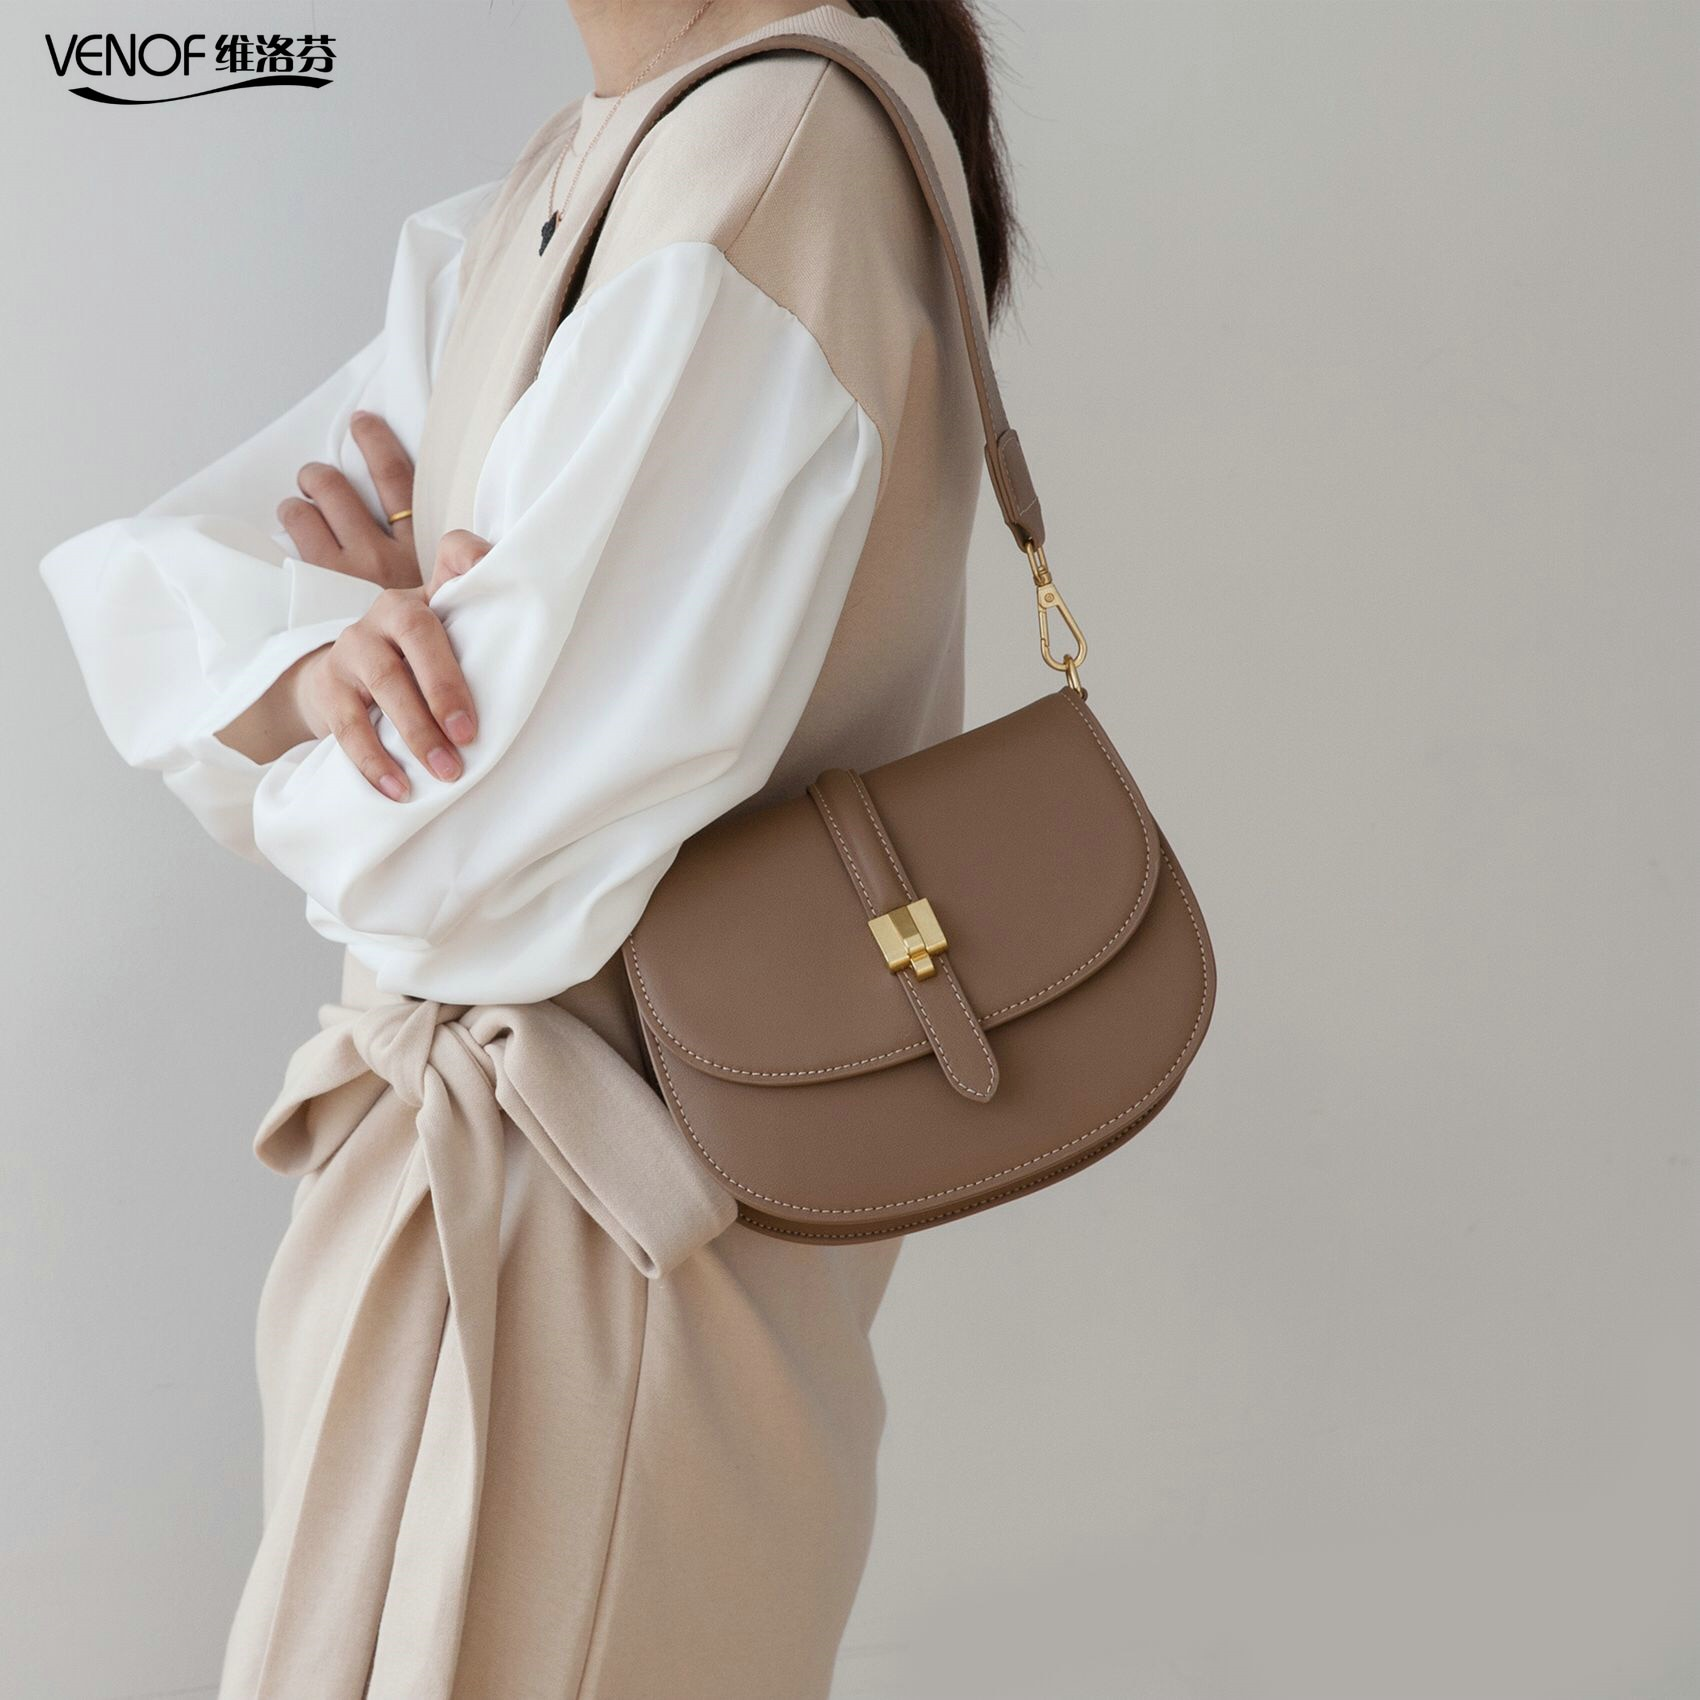 Bandoleras de piel divididas a la moda para mujeres, bolsas de sillín, bolso cruzado de famosa marca de diseñador, bolsa de mensajero color blanco café 2020